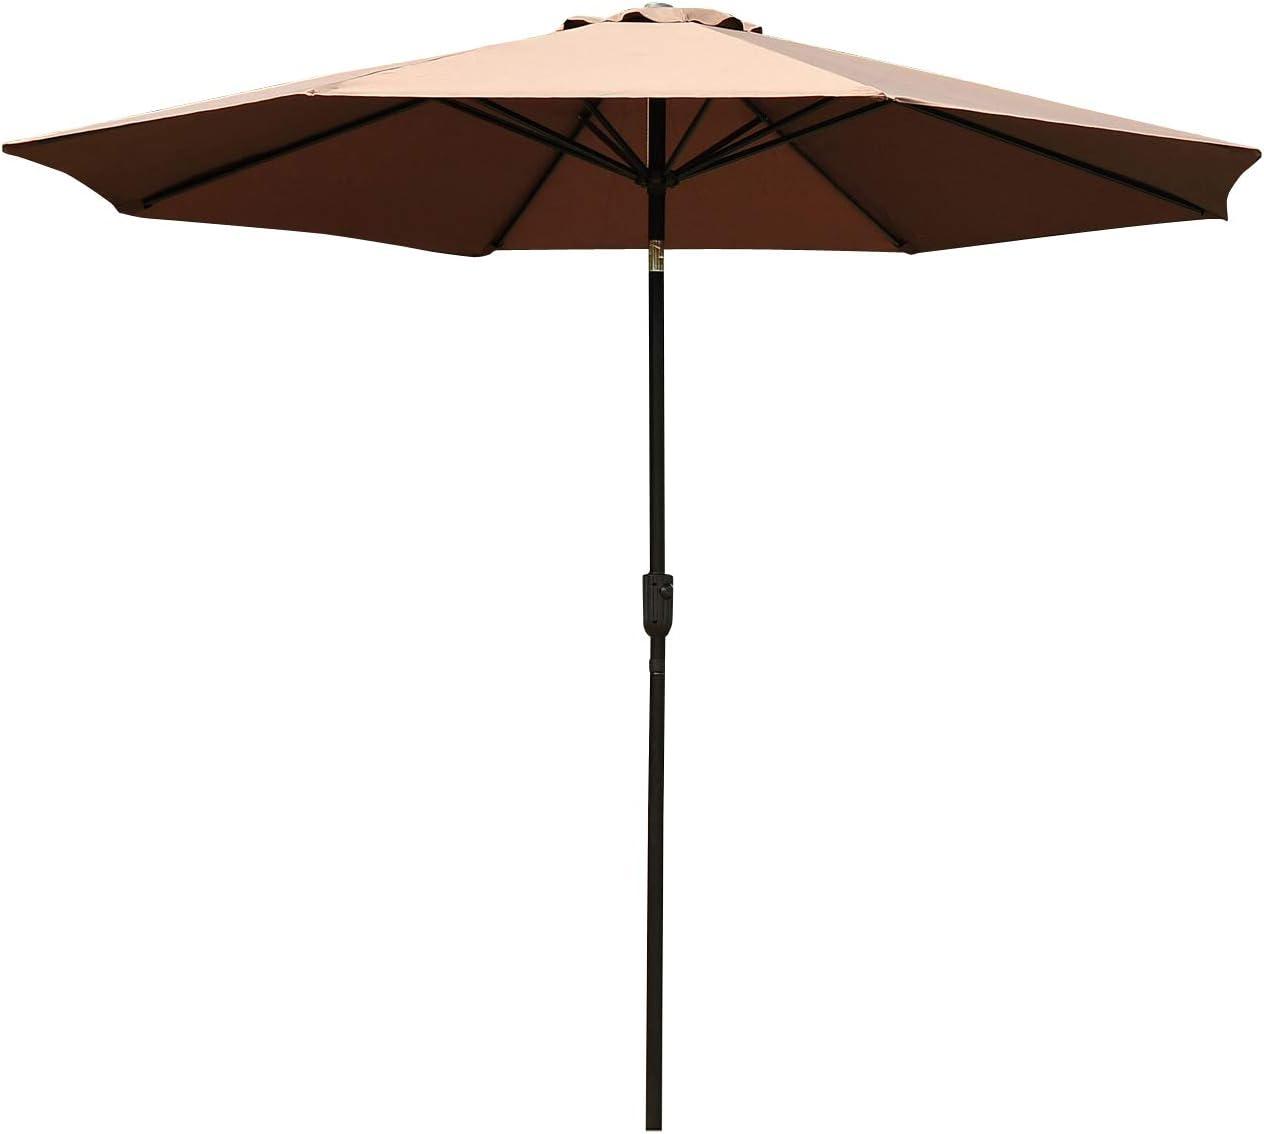 Outsunny Parasol Grande de Jardín Sombrilla para Exterior Desmontable Ángulo Regulable y Manivela de Apertura Fácil Φ300x245cm Café